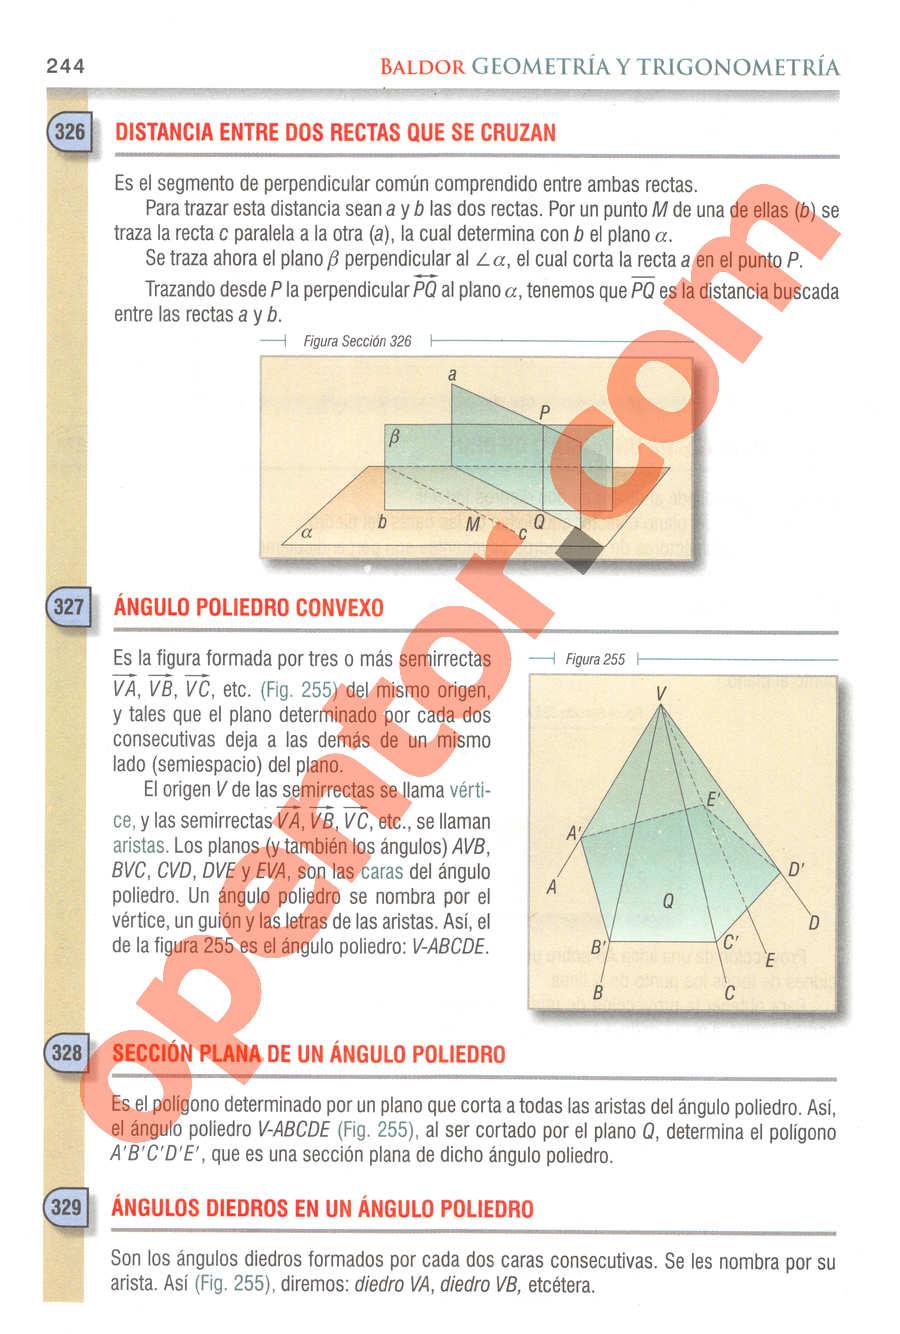 Geometría y Trigonometría de Baldor - Página 244